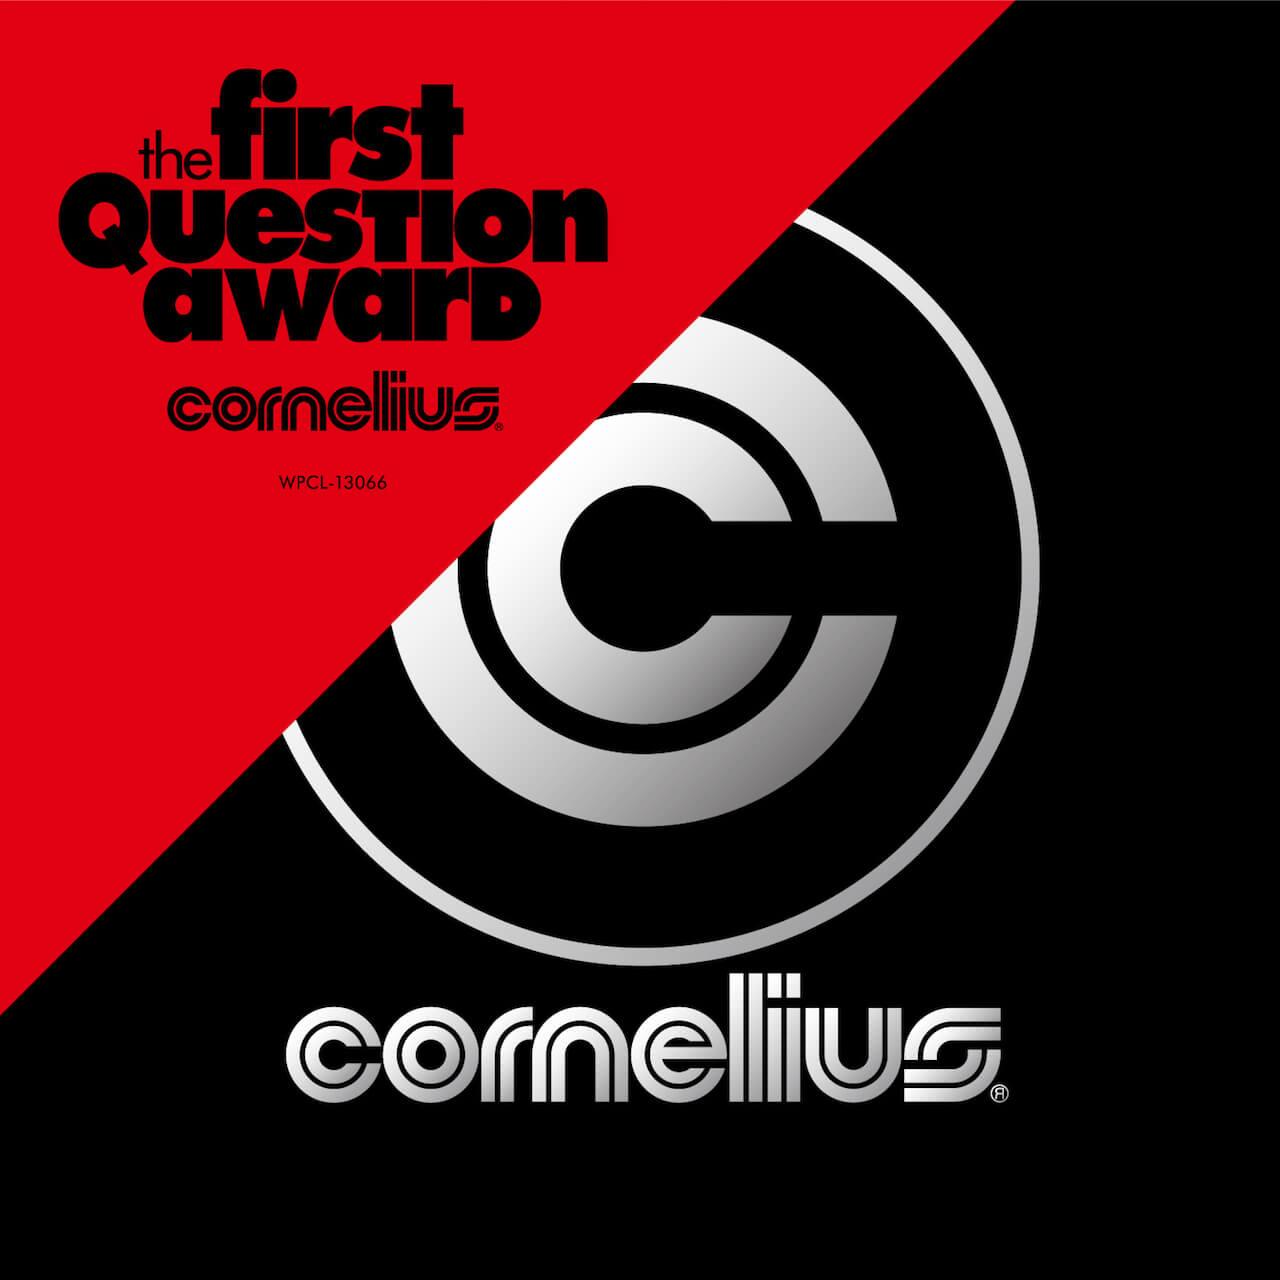 活動30年から紐解くコーネリアスと映像の関係性 interview190730-cornelius12.jpg